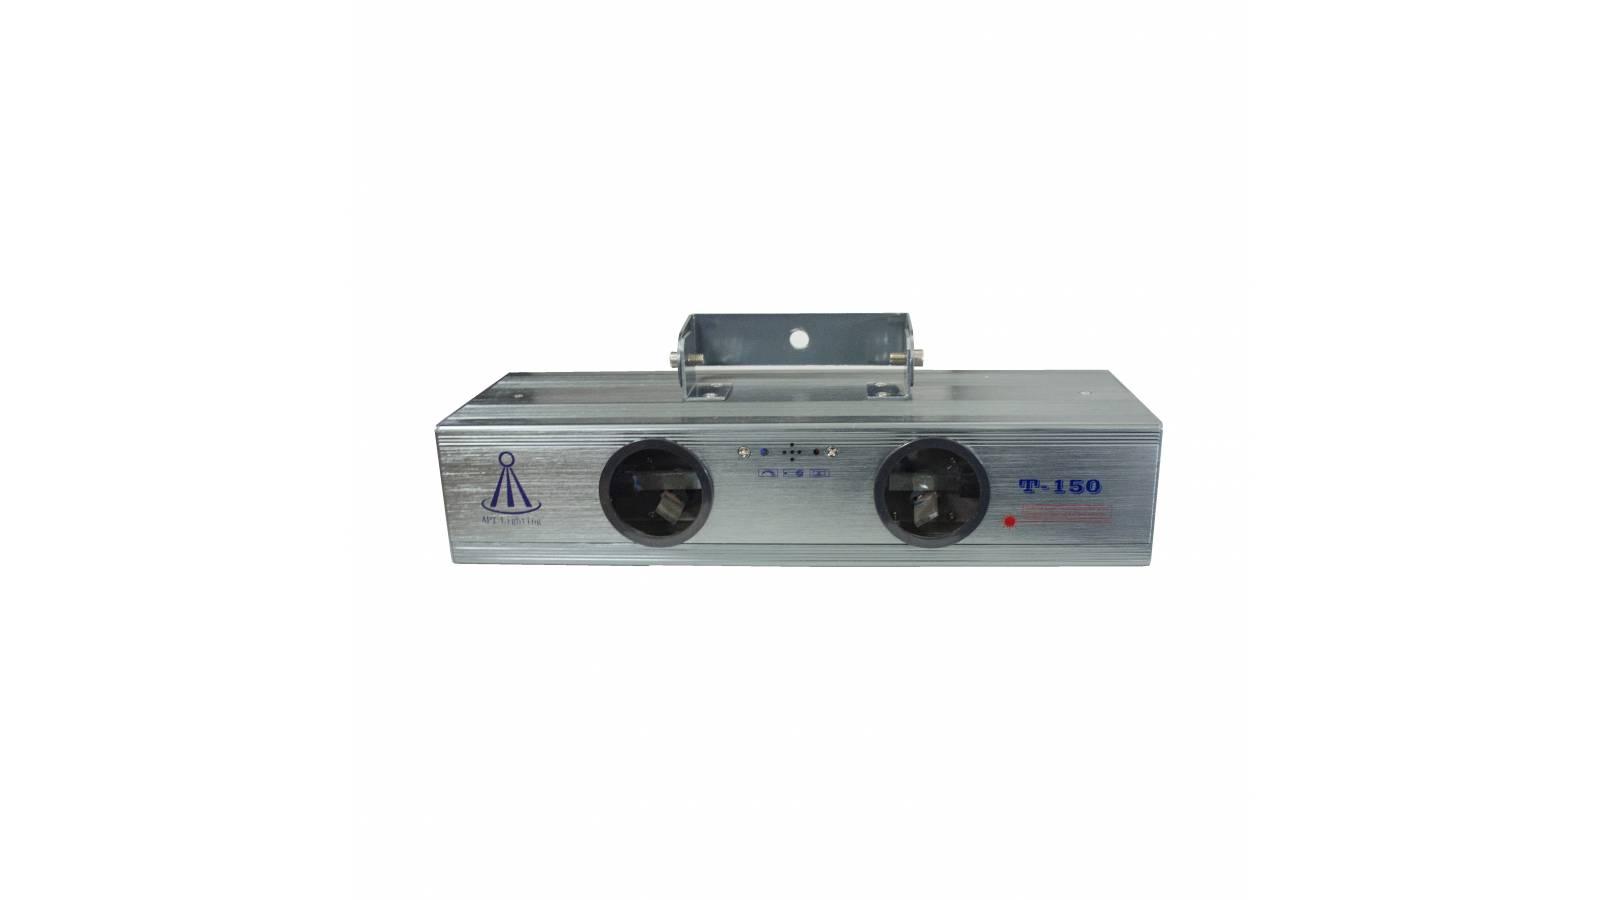 Efecto / Láser 2 Bocas Verde / Audiorritmico, Entrada y Salida DMX512 / HT-150